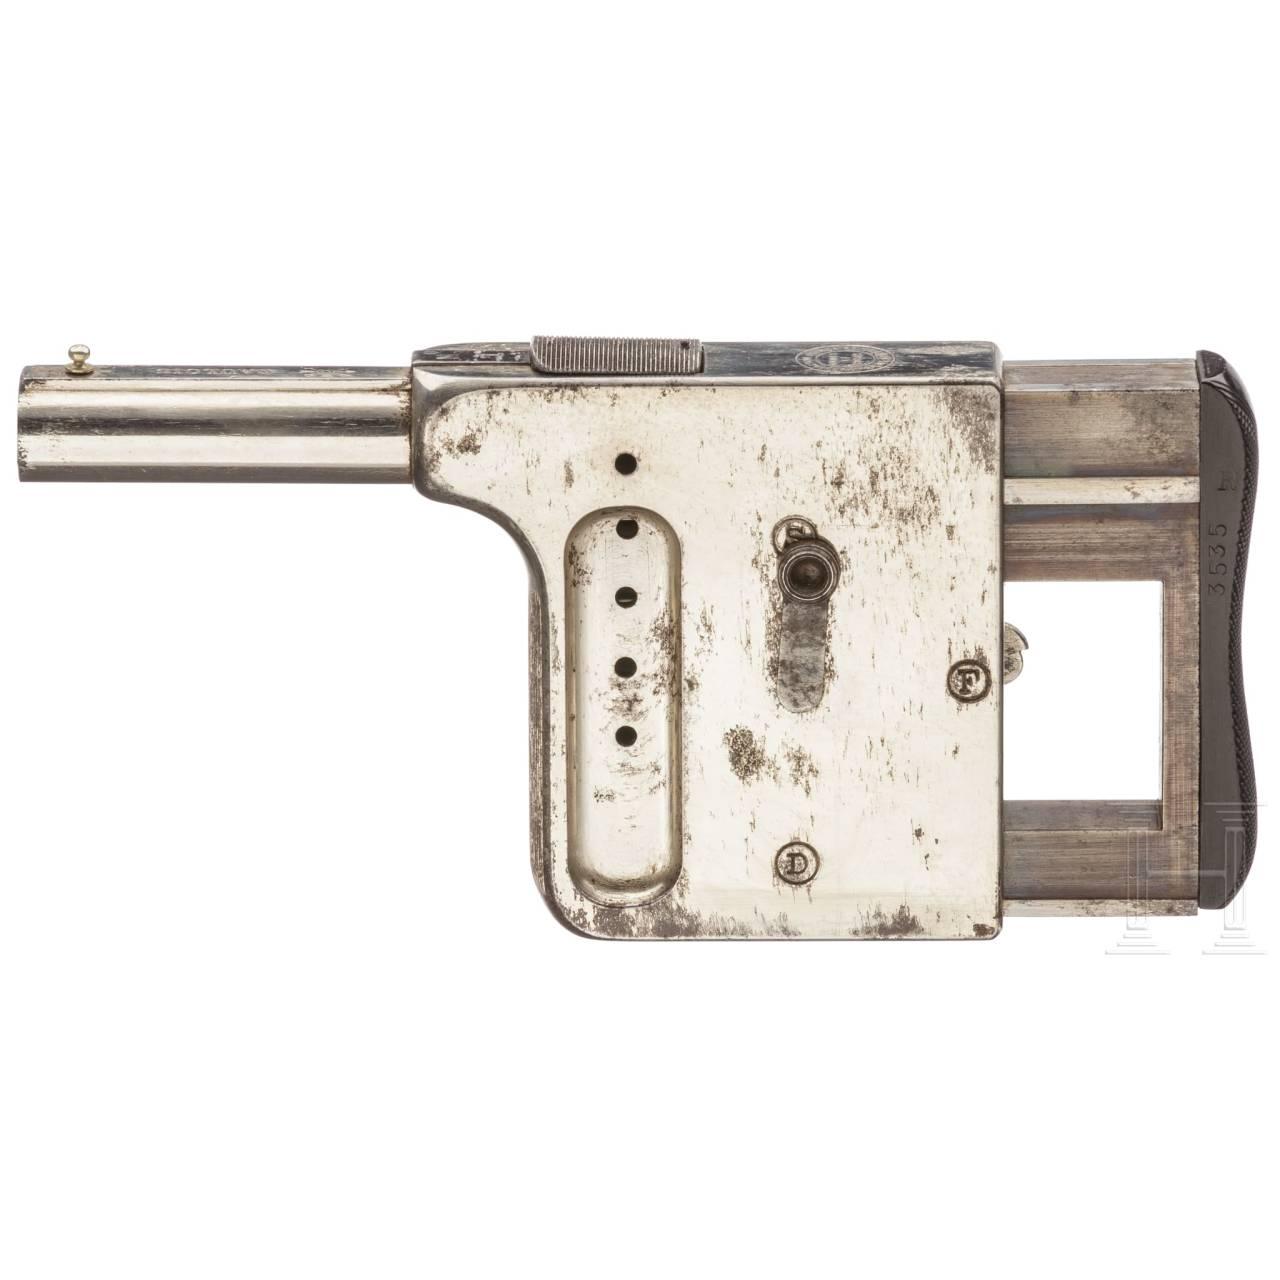 Gaulois-Handdruckpistole No. 1, St. Etienne, vernickelt